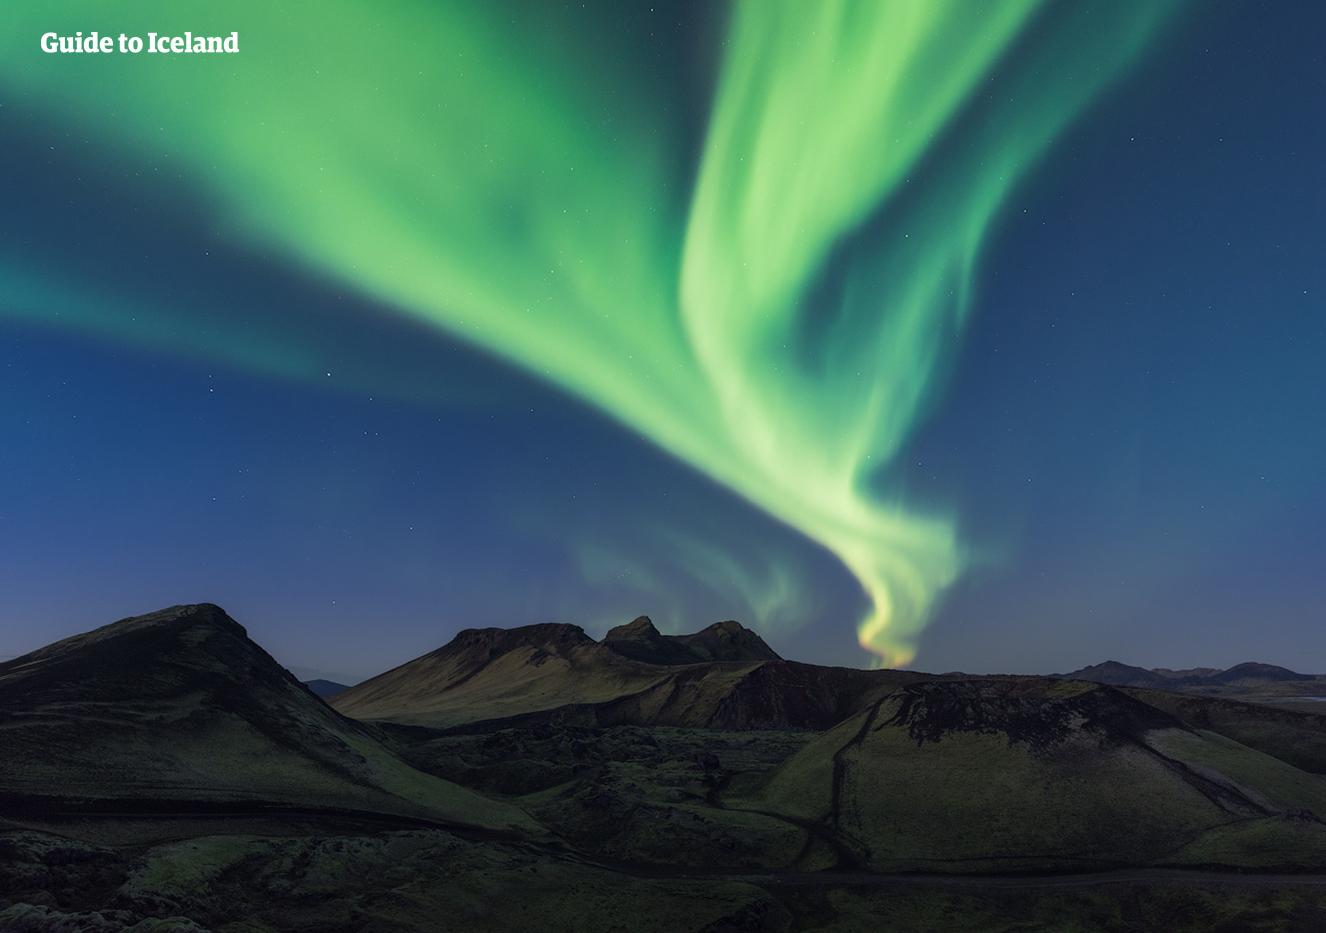 """Туры """"За северным сиянием"""" проводятся как на суше, так и на море, и в обоих случаях у туристов есть много шансов увидеть это невероятно красивое явление природы."""